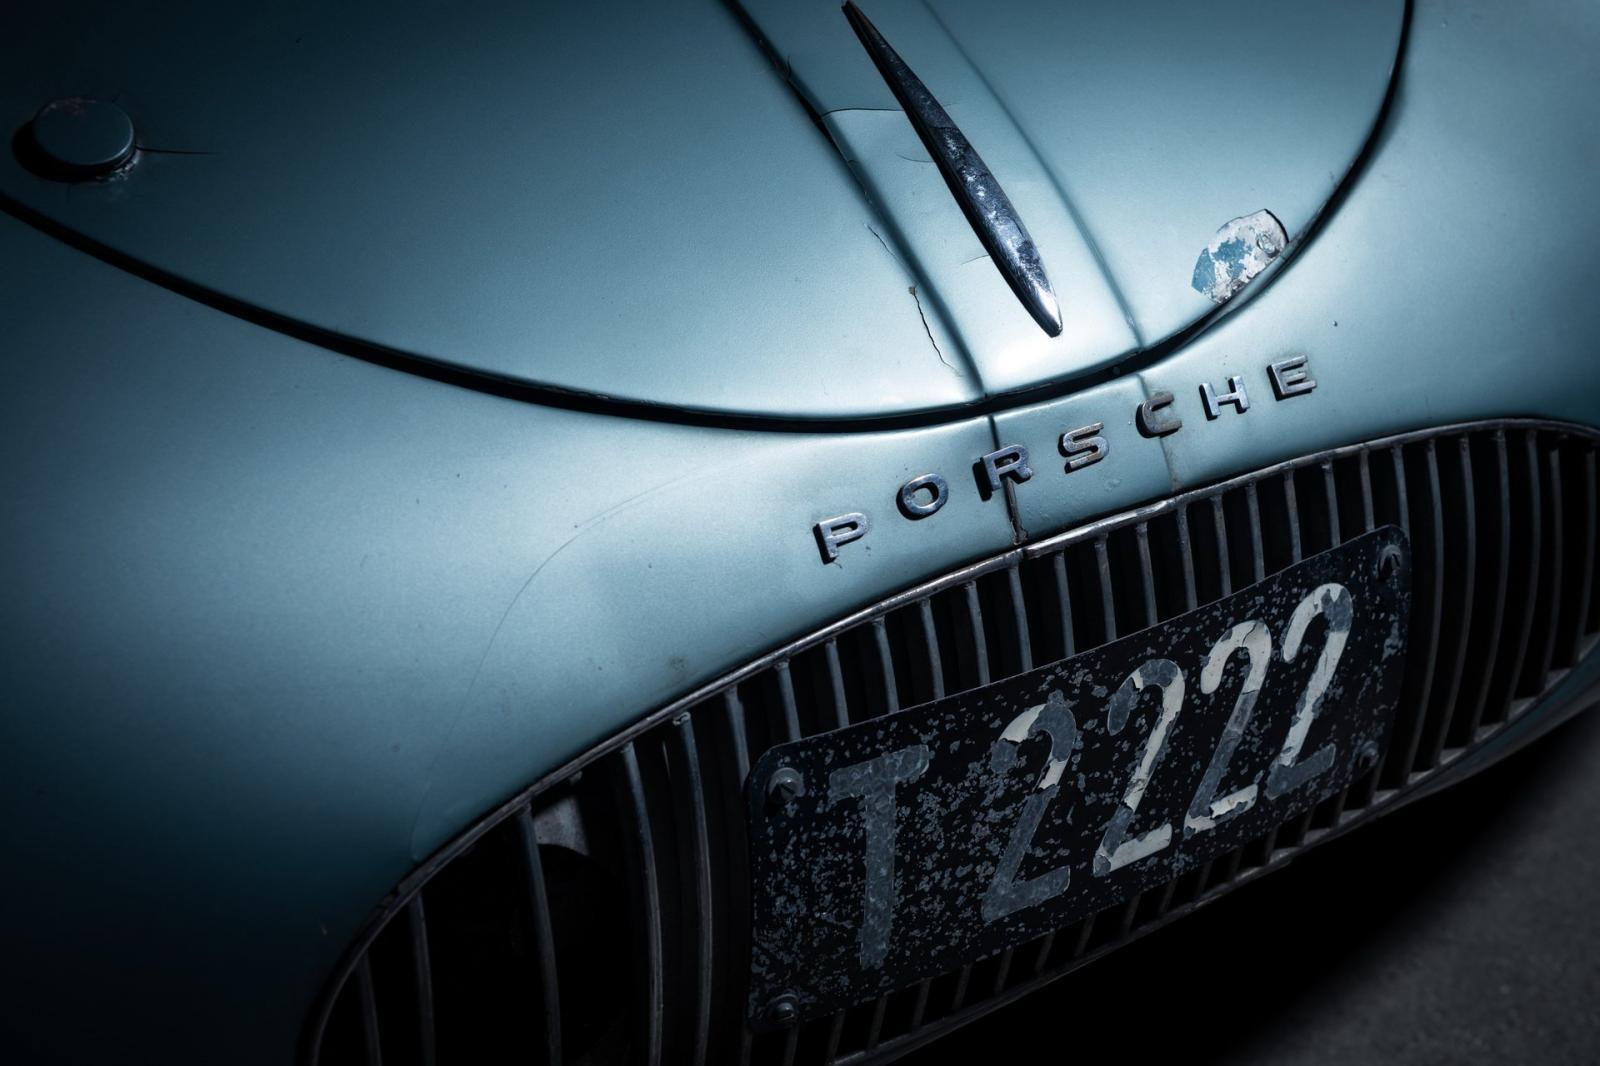 Hàng chữ Porsche với biển số T-2222 ở phía mũi xe